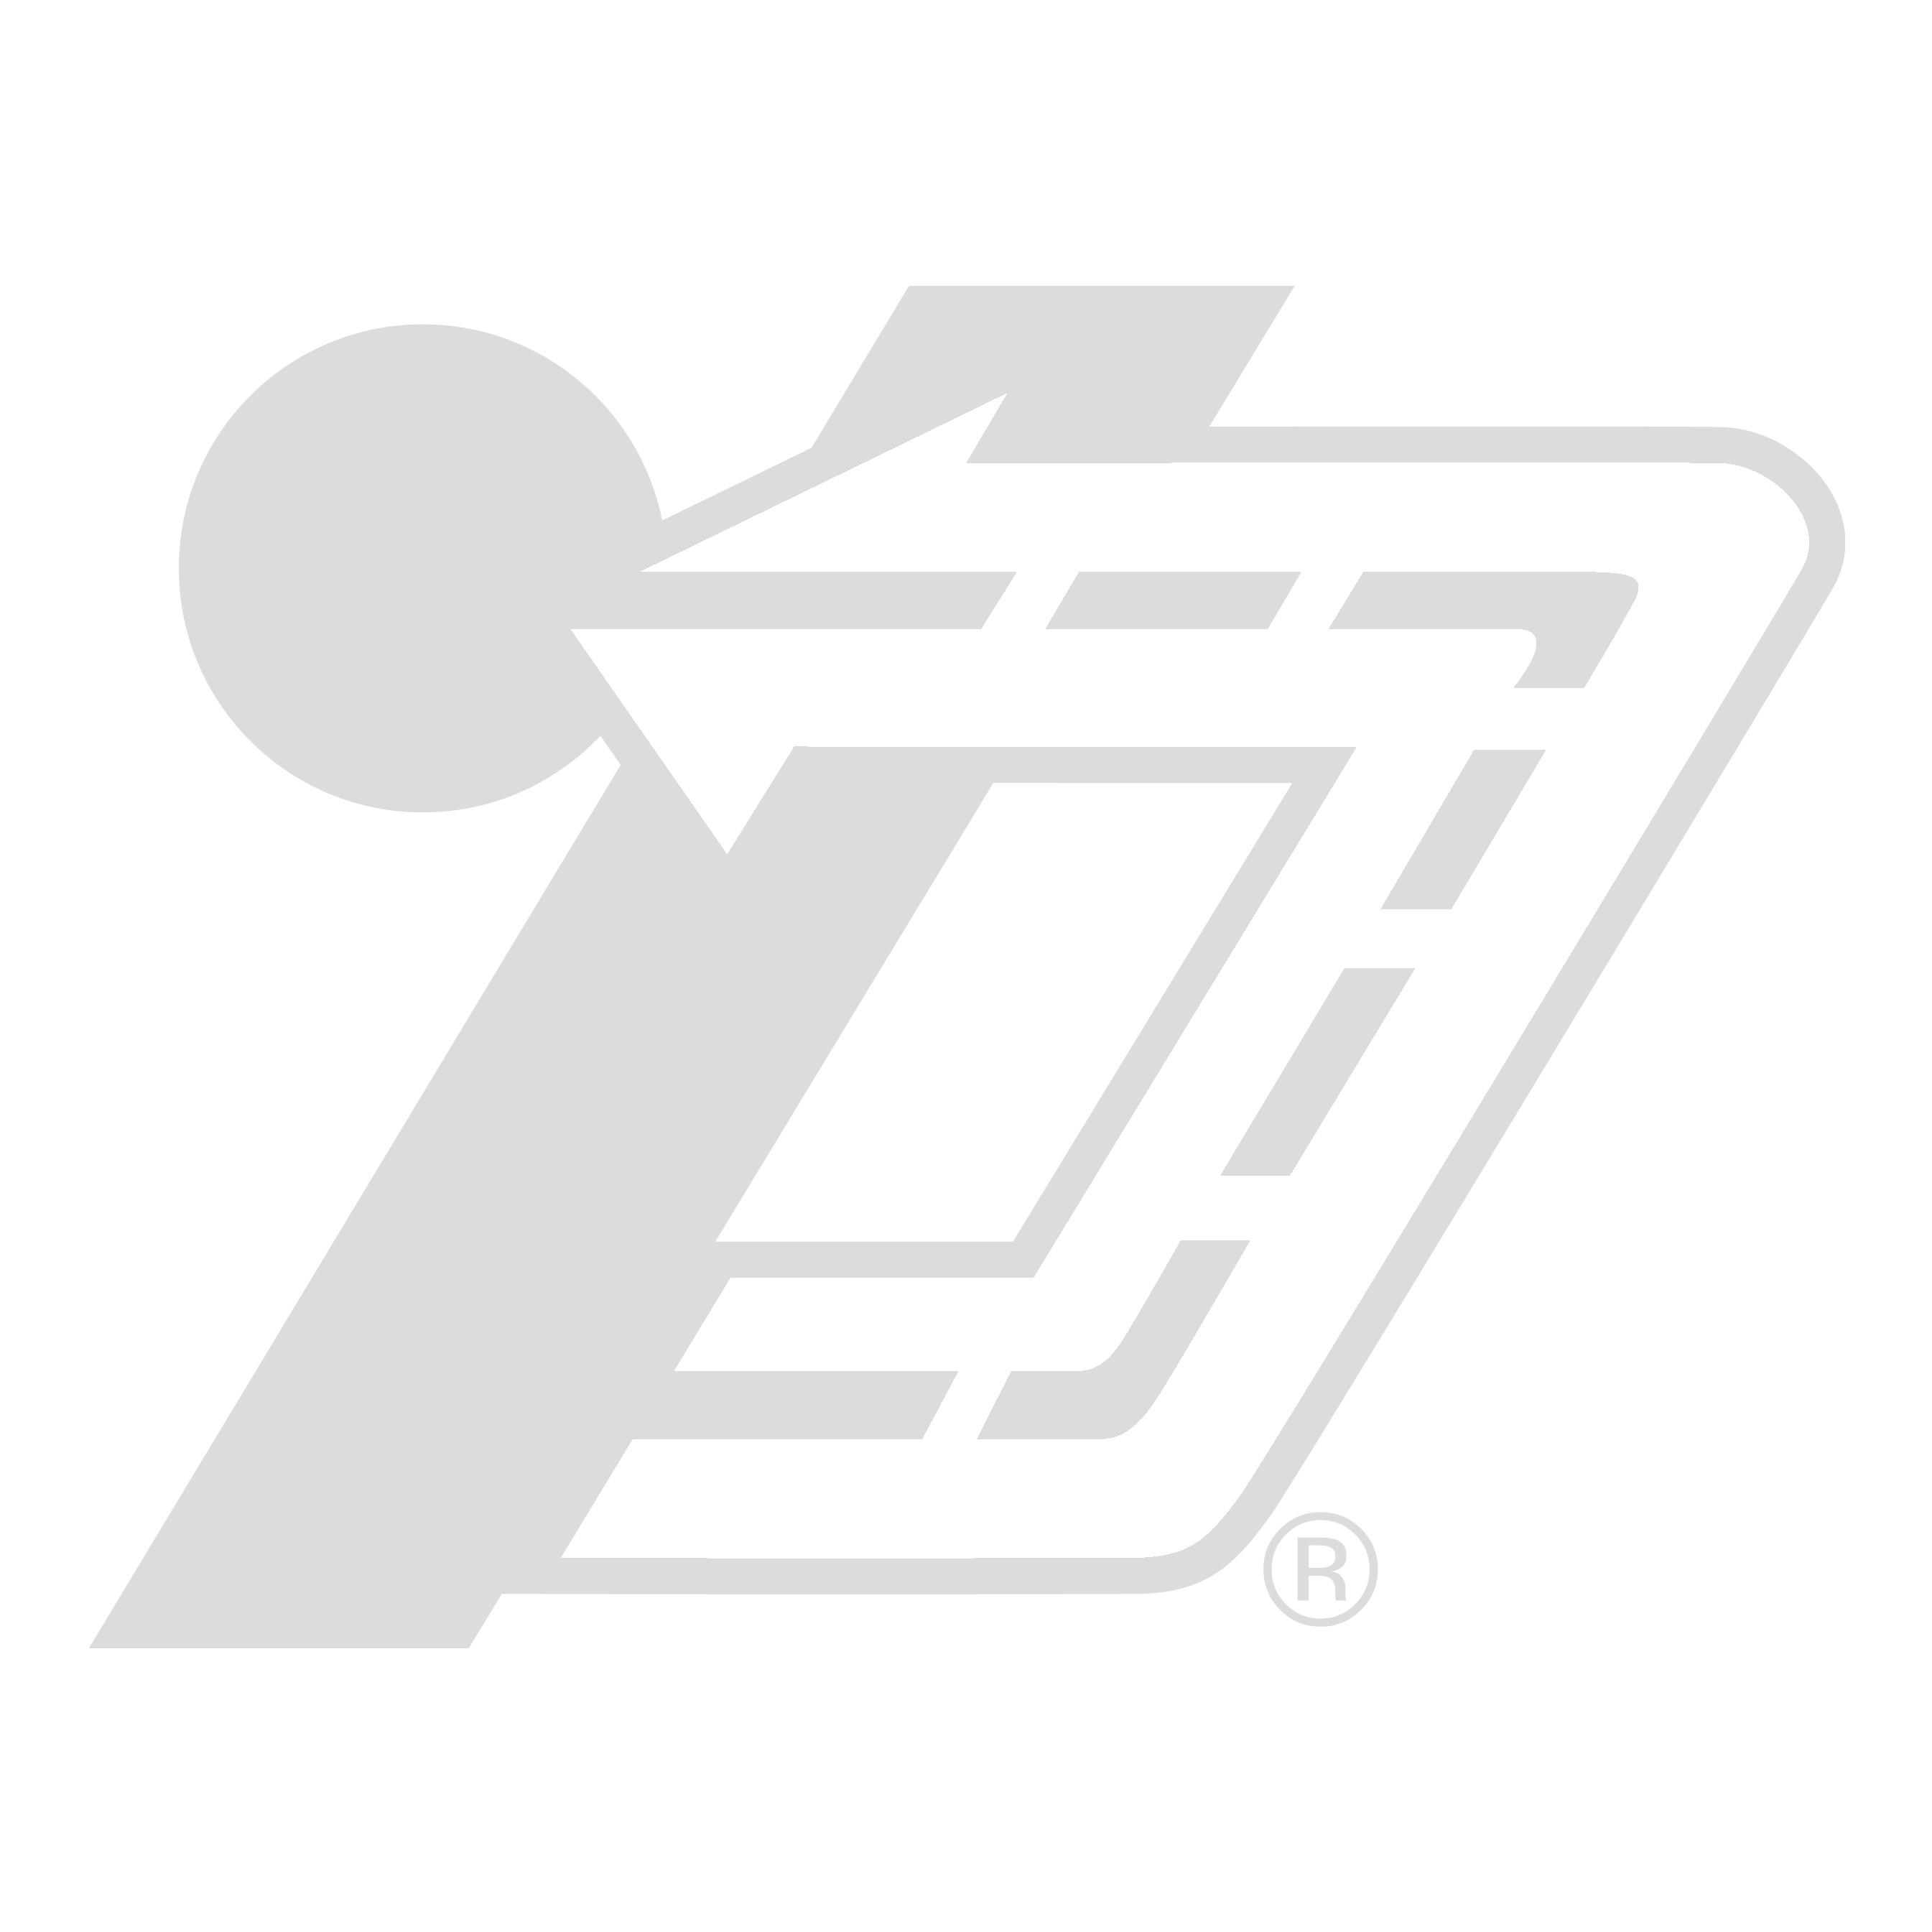 Low Density Channelizer Drum, No Drum